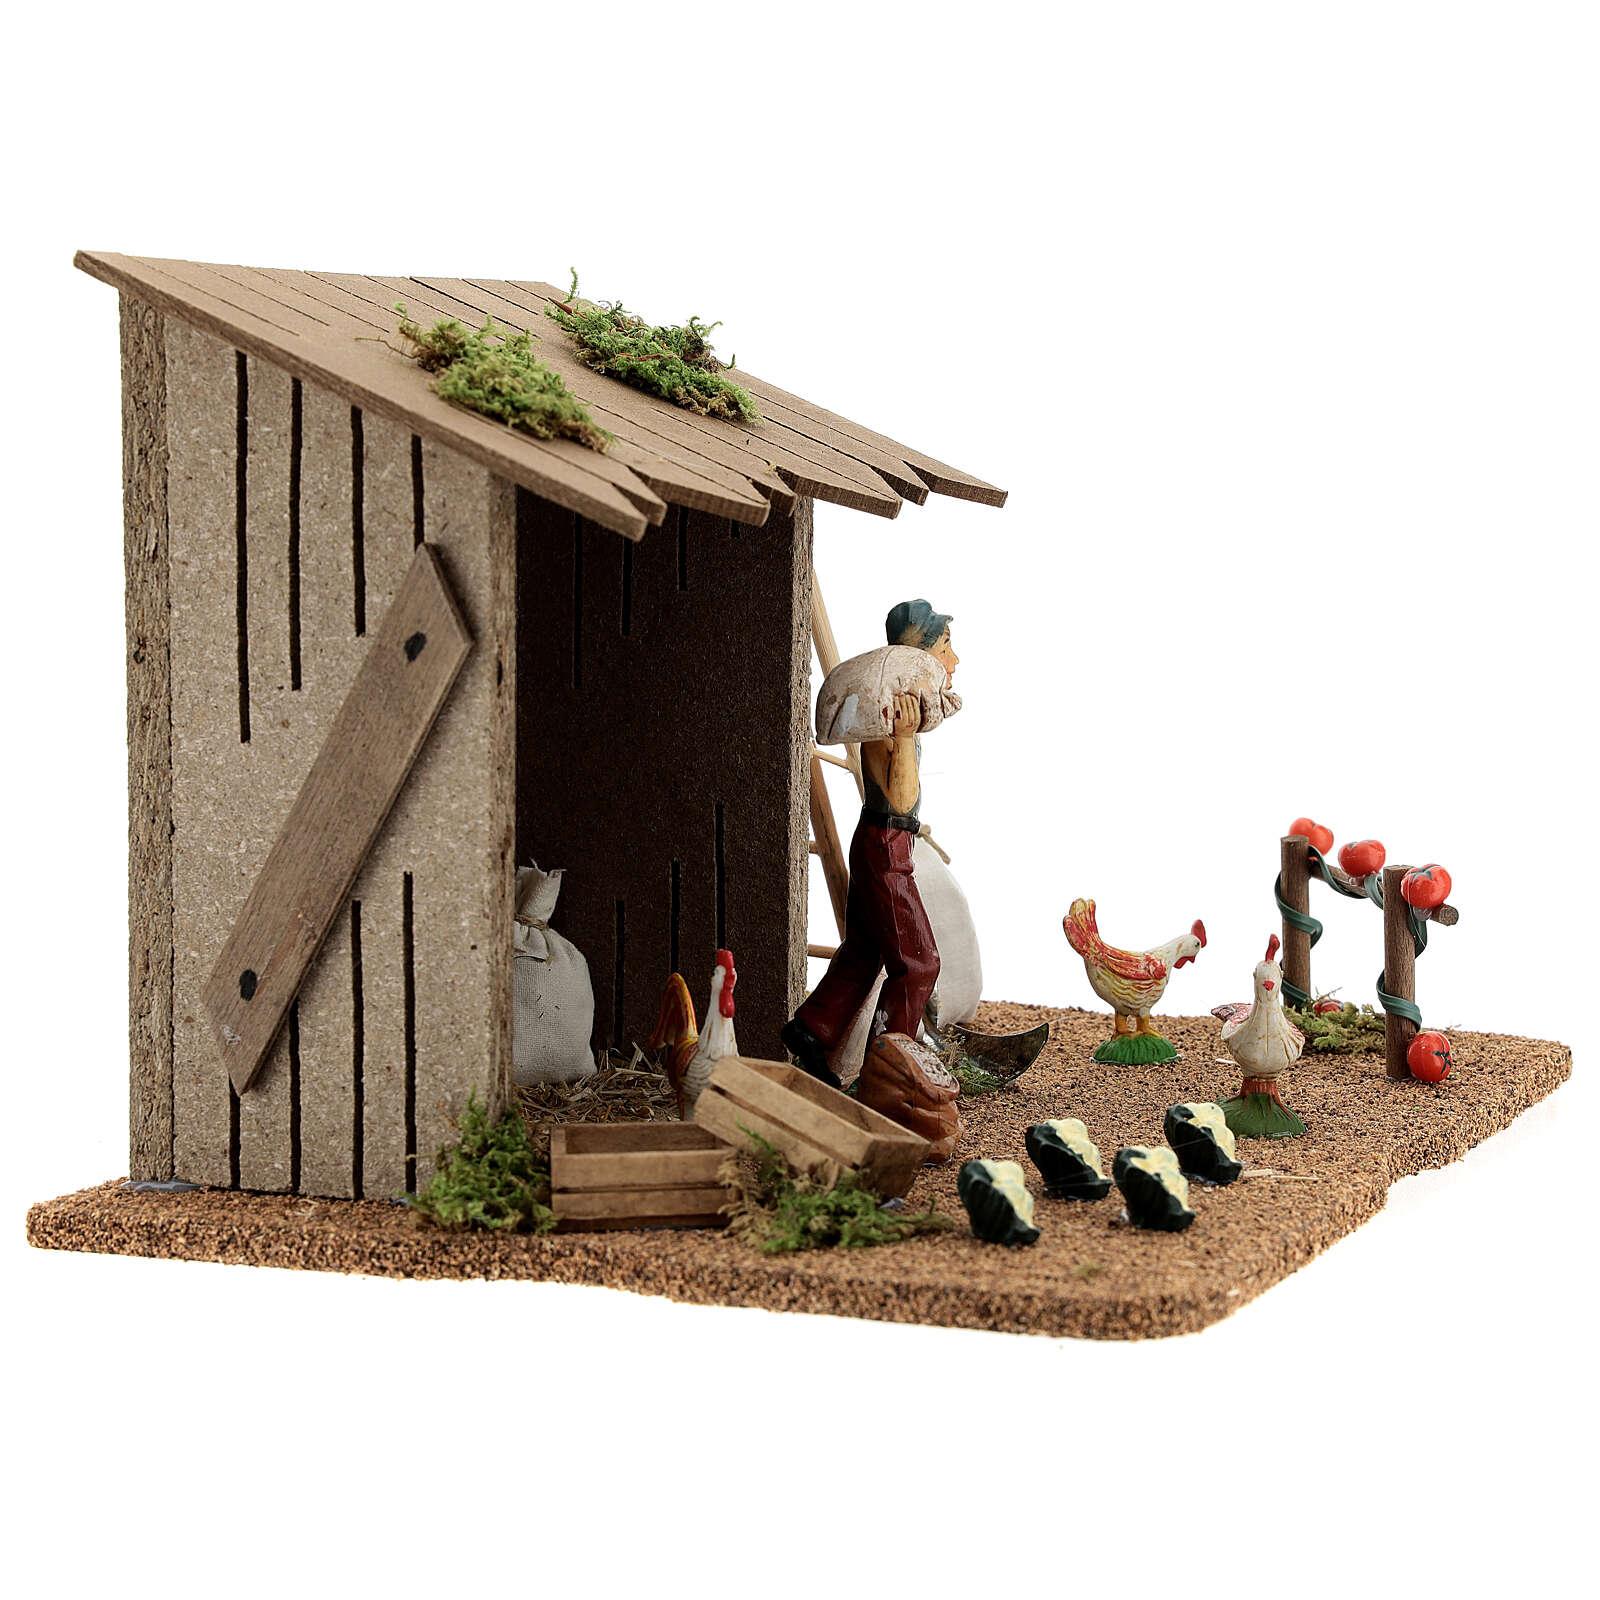 Farmer shed with animals, Moranduzzo 20x25x15 cm 4